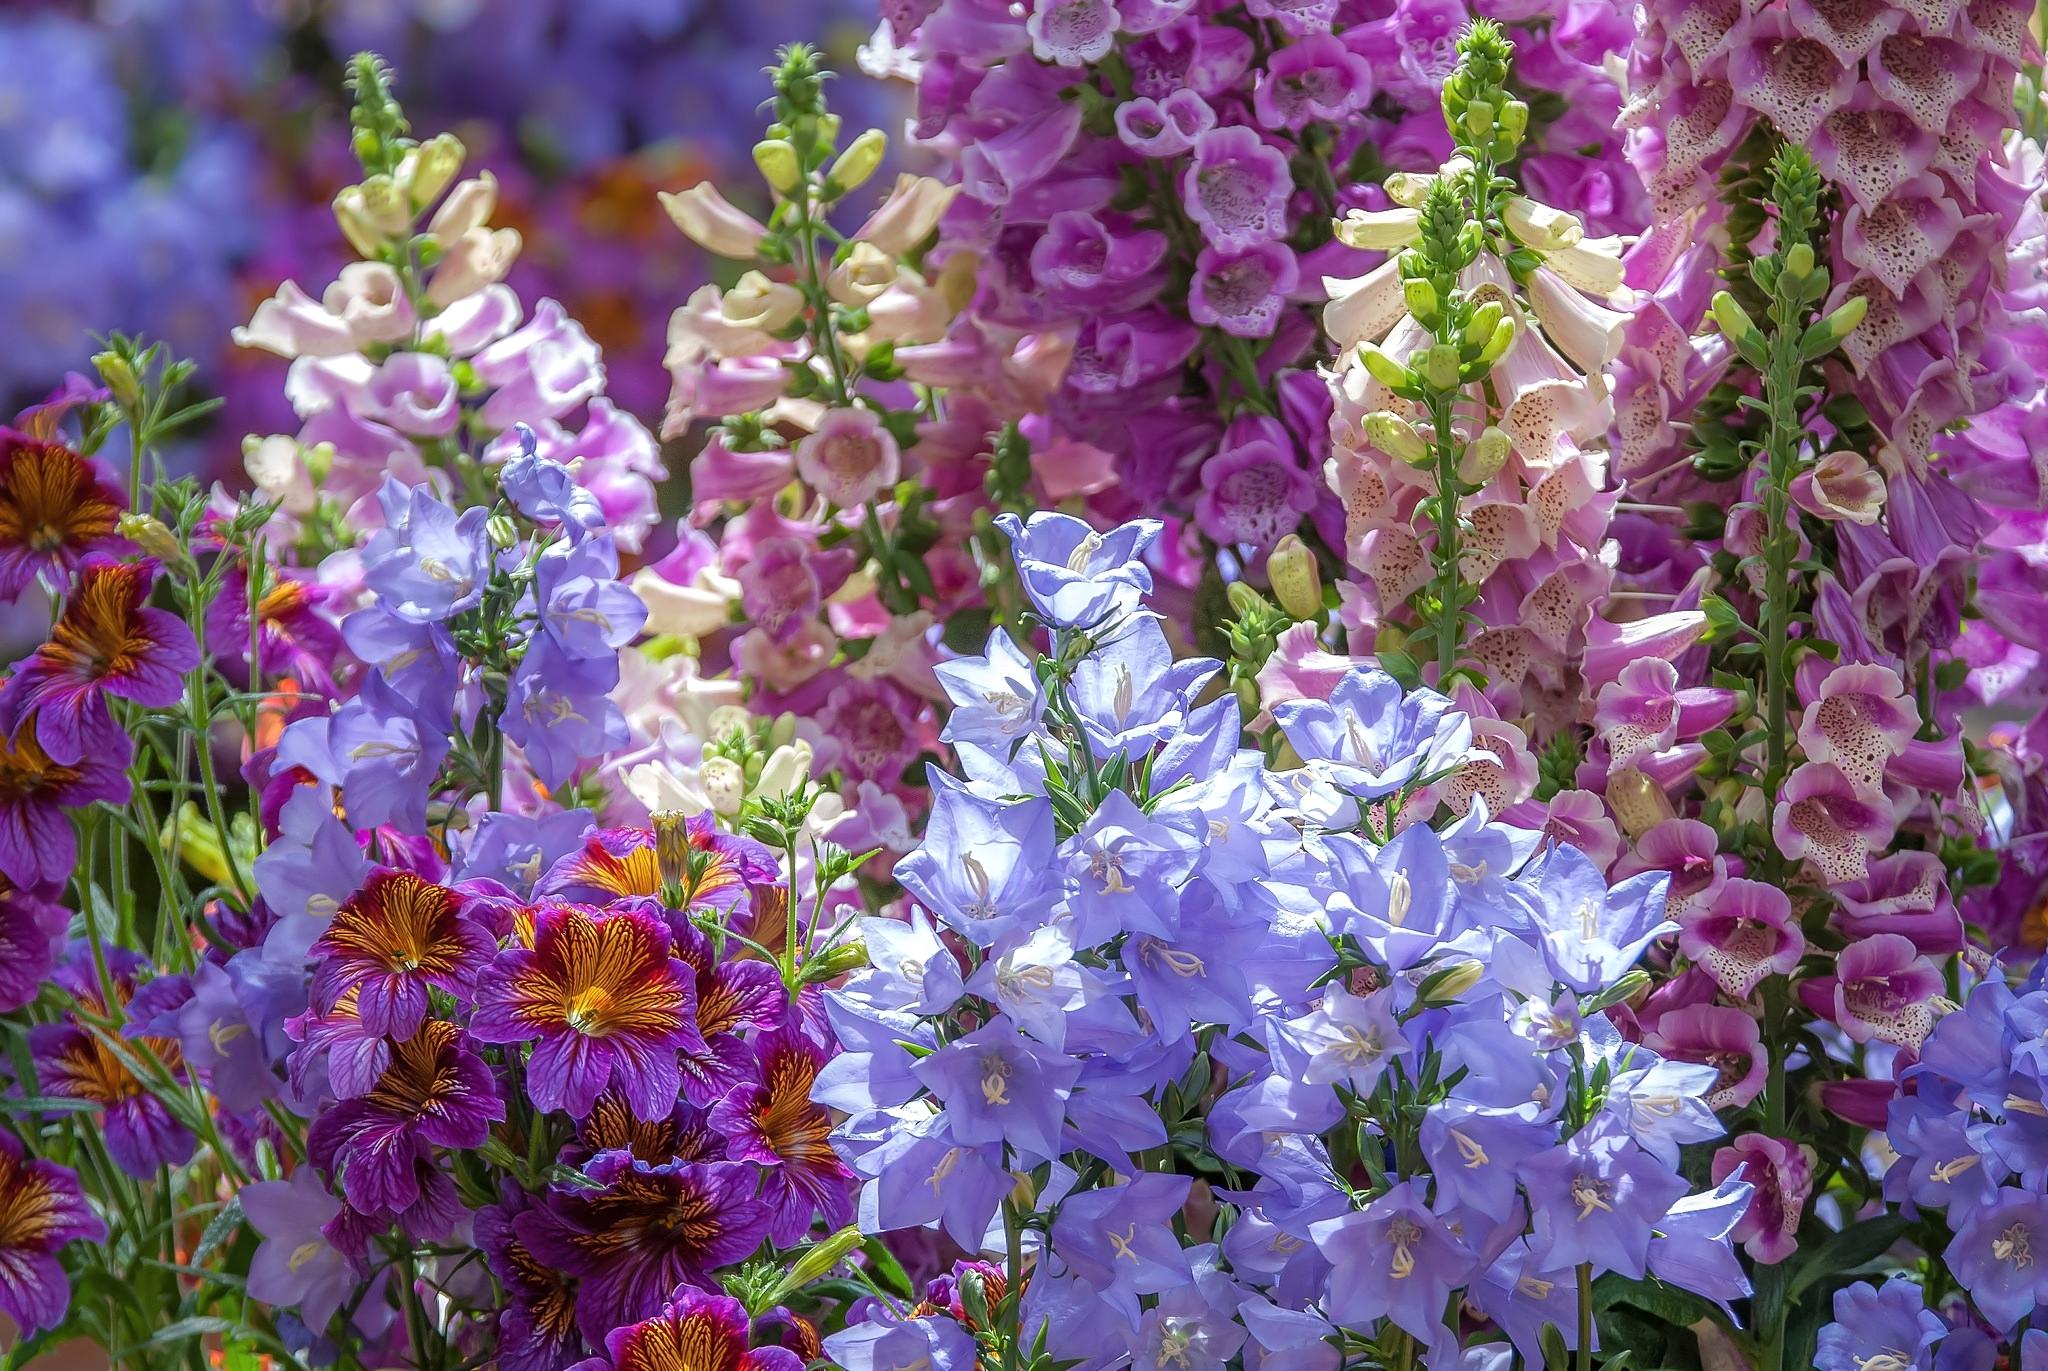 колокольчики фото цветов в саду выводы